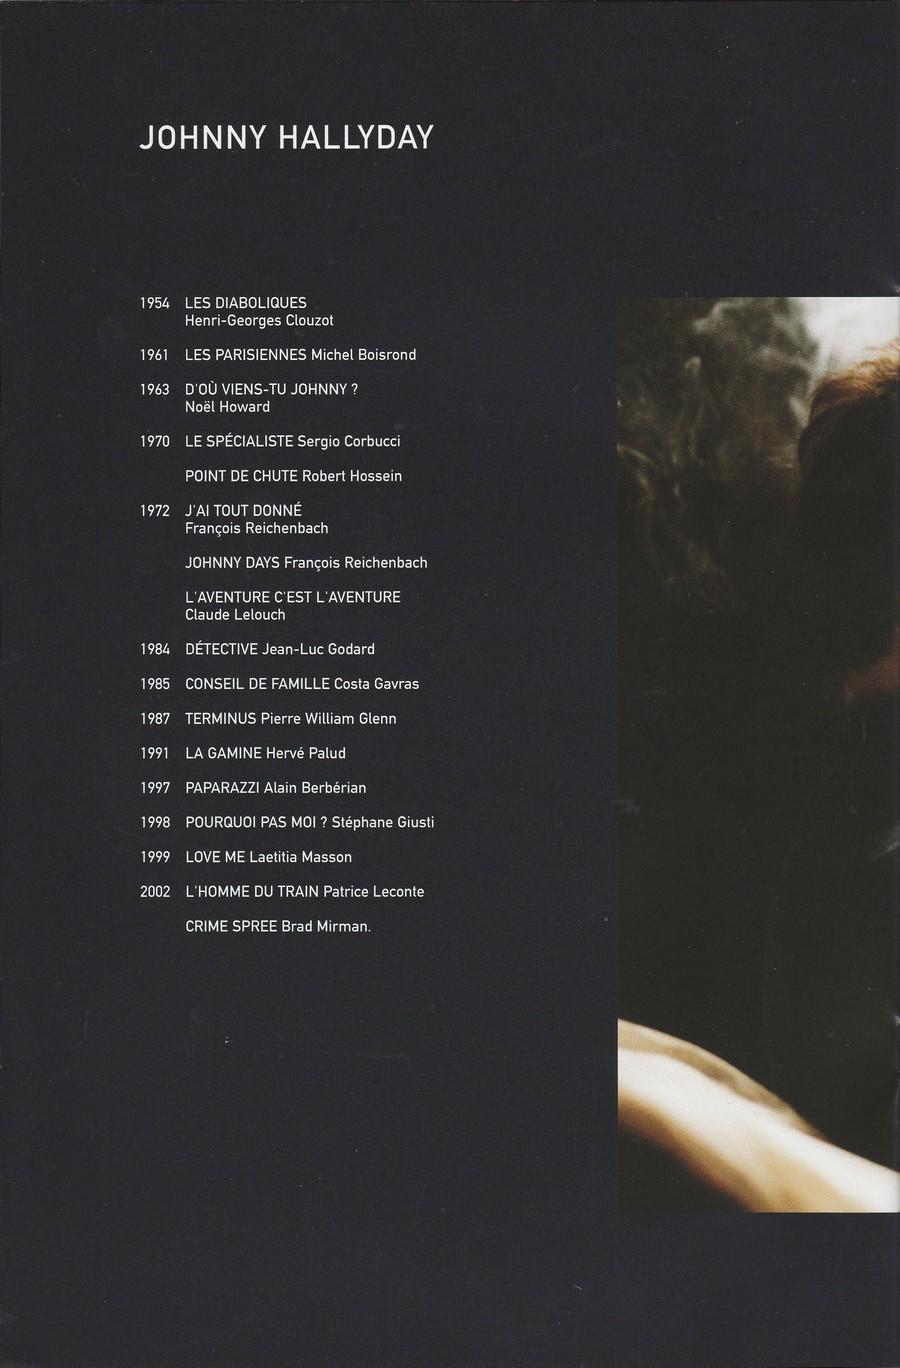 LES FILMS DE JOHNNY 'L'HOMME DU TRAIN' 2002 Img_2749